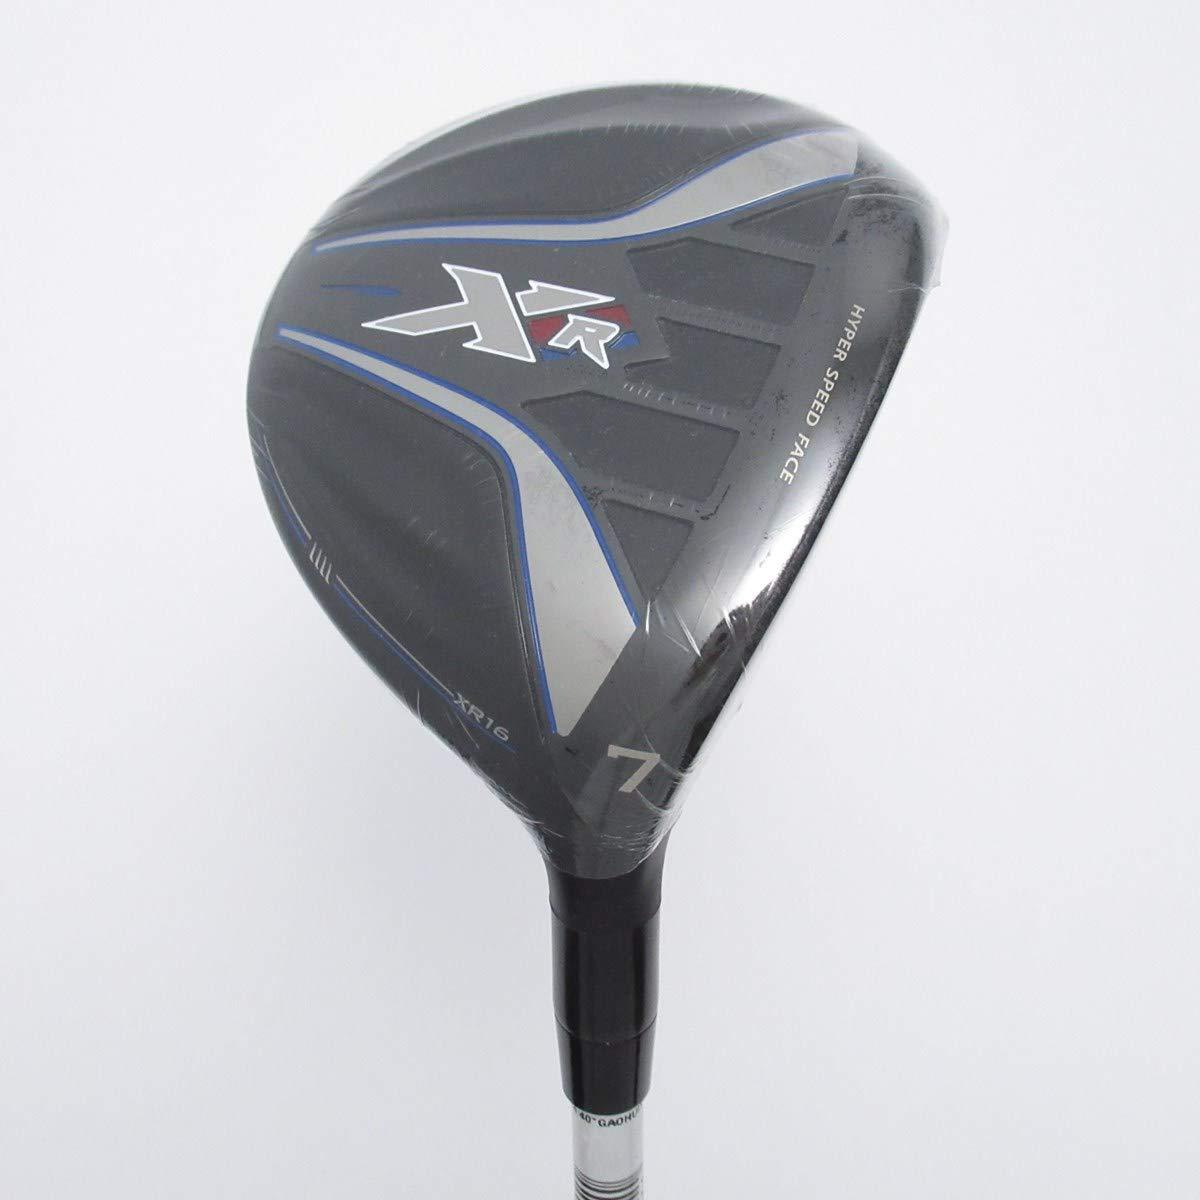 【中古】キャロウェイゴルフ XR XR 16 フェアウェイウッド XR16 レディス 【7W】 B07SGCWCFJ  L